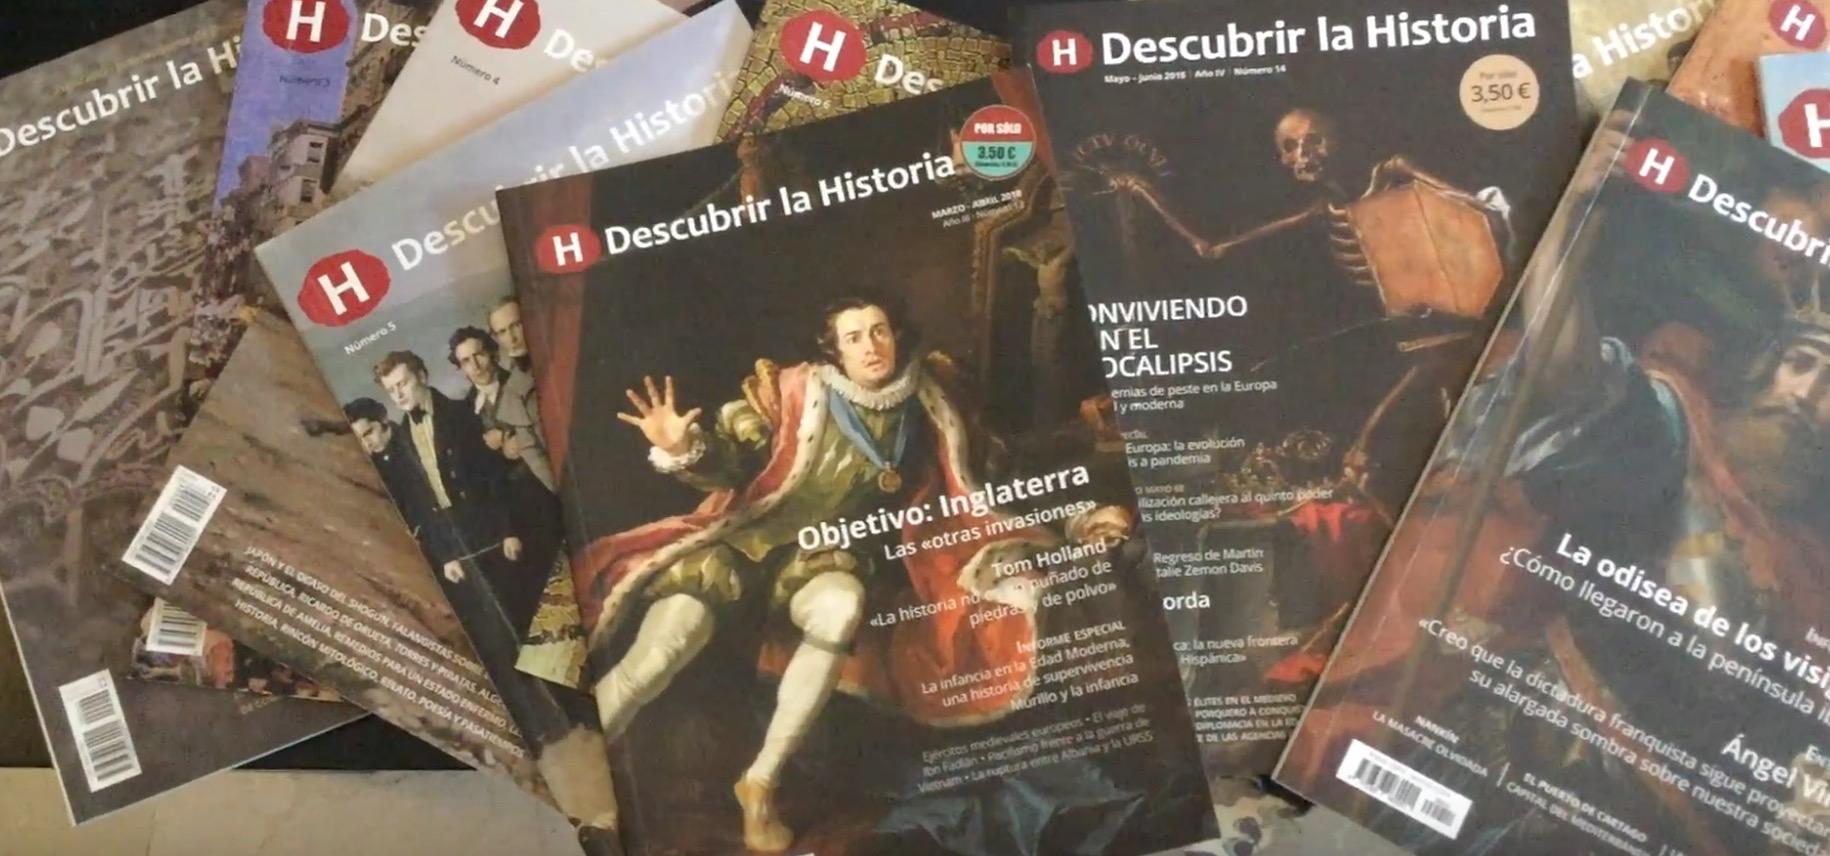 Participa en la campaña de micromecenazgo de la revista 'Descubrir la Historia'